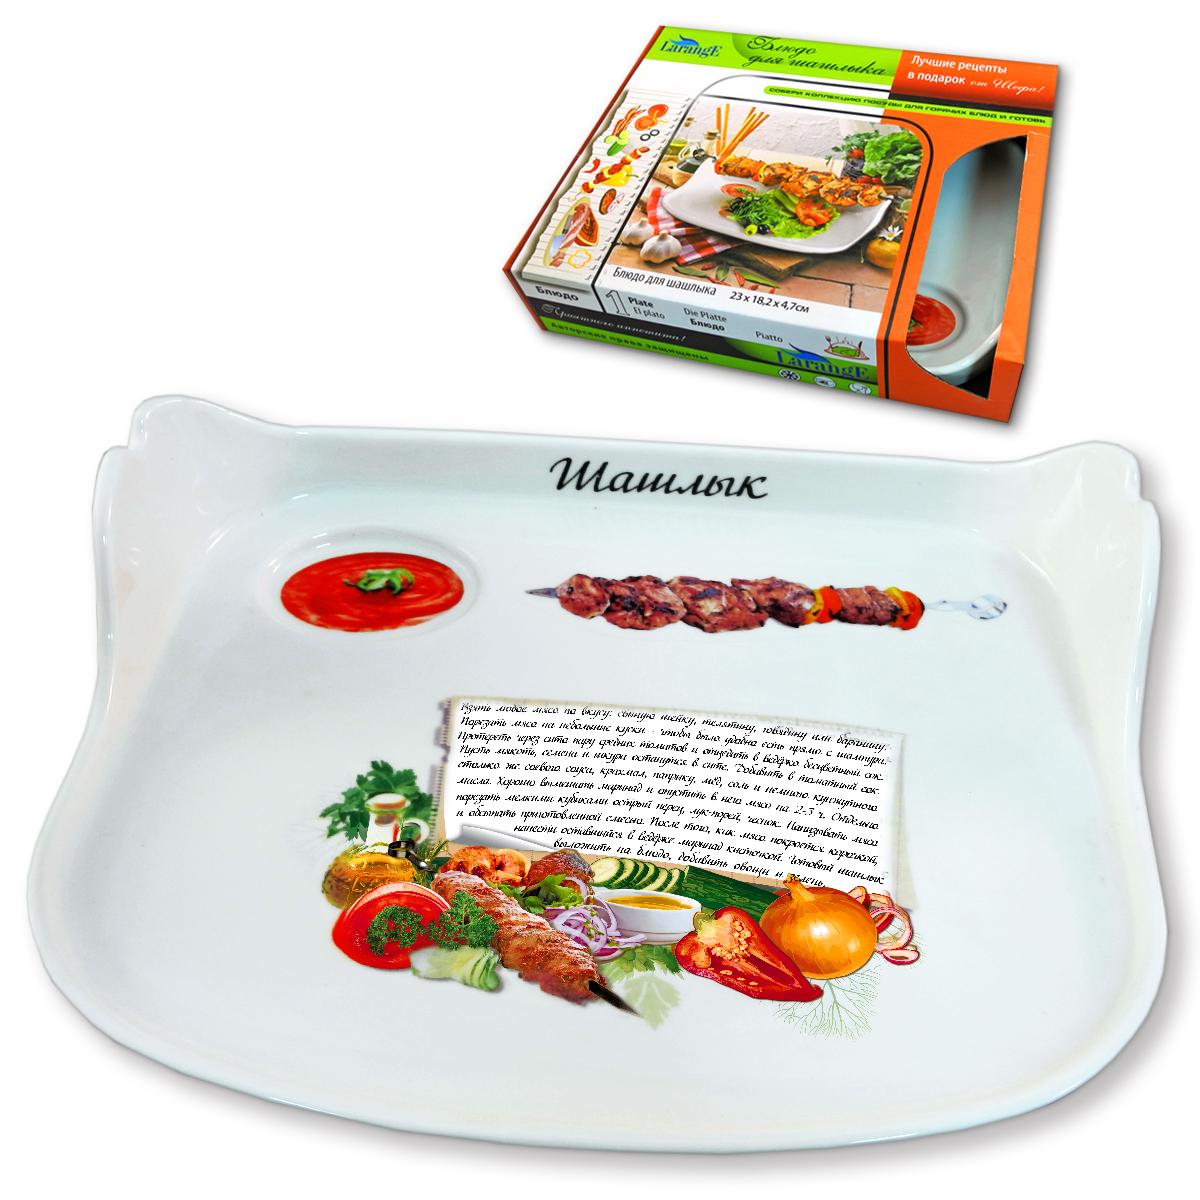 Блюдо для шашлыка LarangE Микс-шашлык, 24,5 х 20 х 4 см598-081